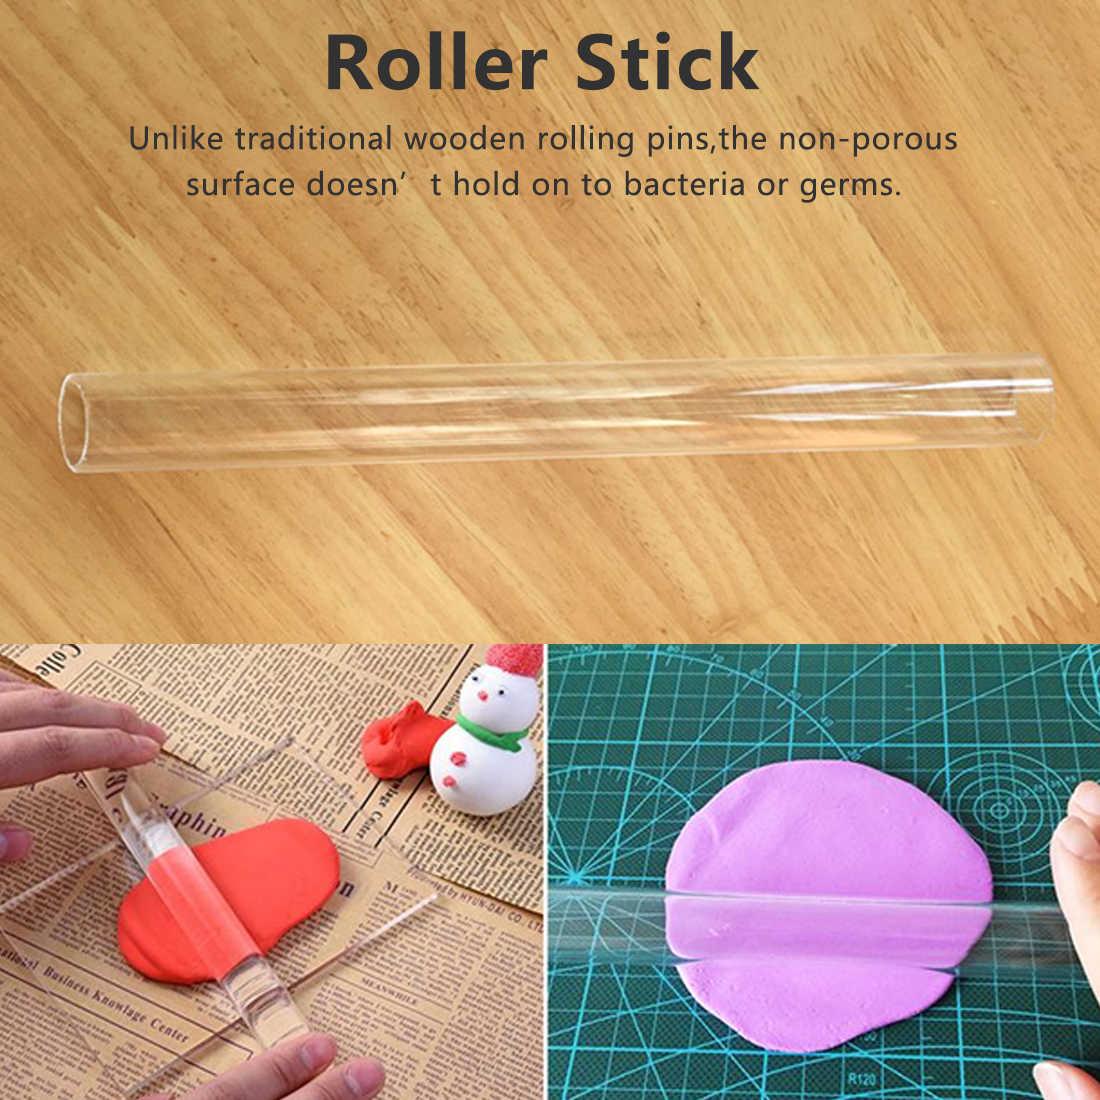 Full Size of Skulptur Polymer Clay Druck Stick Diy Mini Kche Und Hause Ikea Miniküche Mit Kühlschrank Stengel Roller Regale Wohnzimmer Roller Miniküche